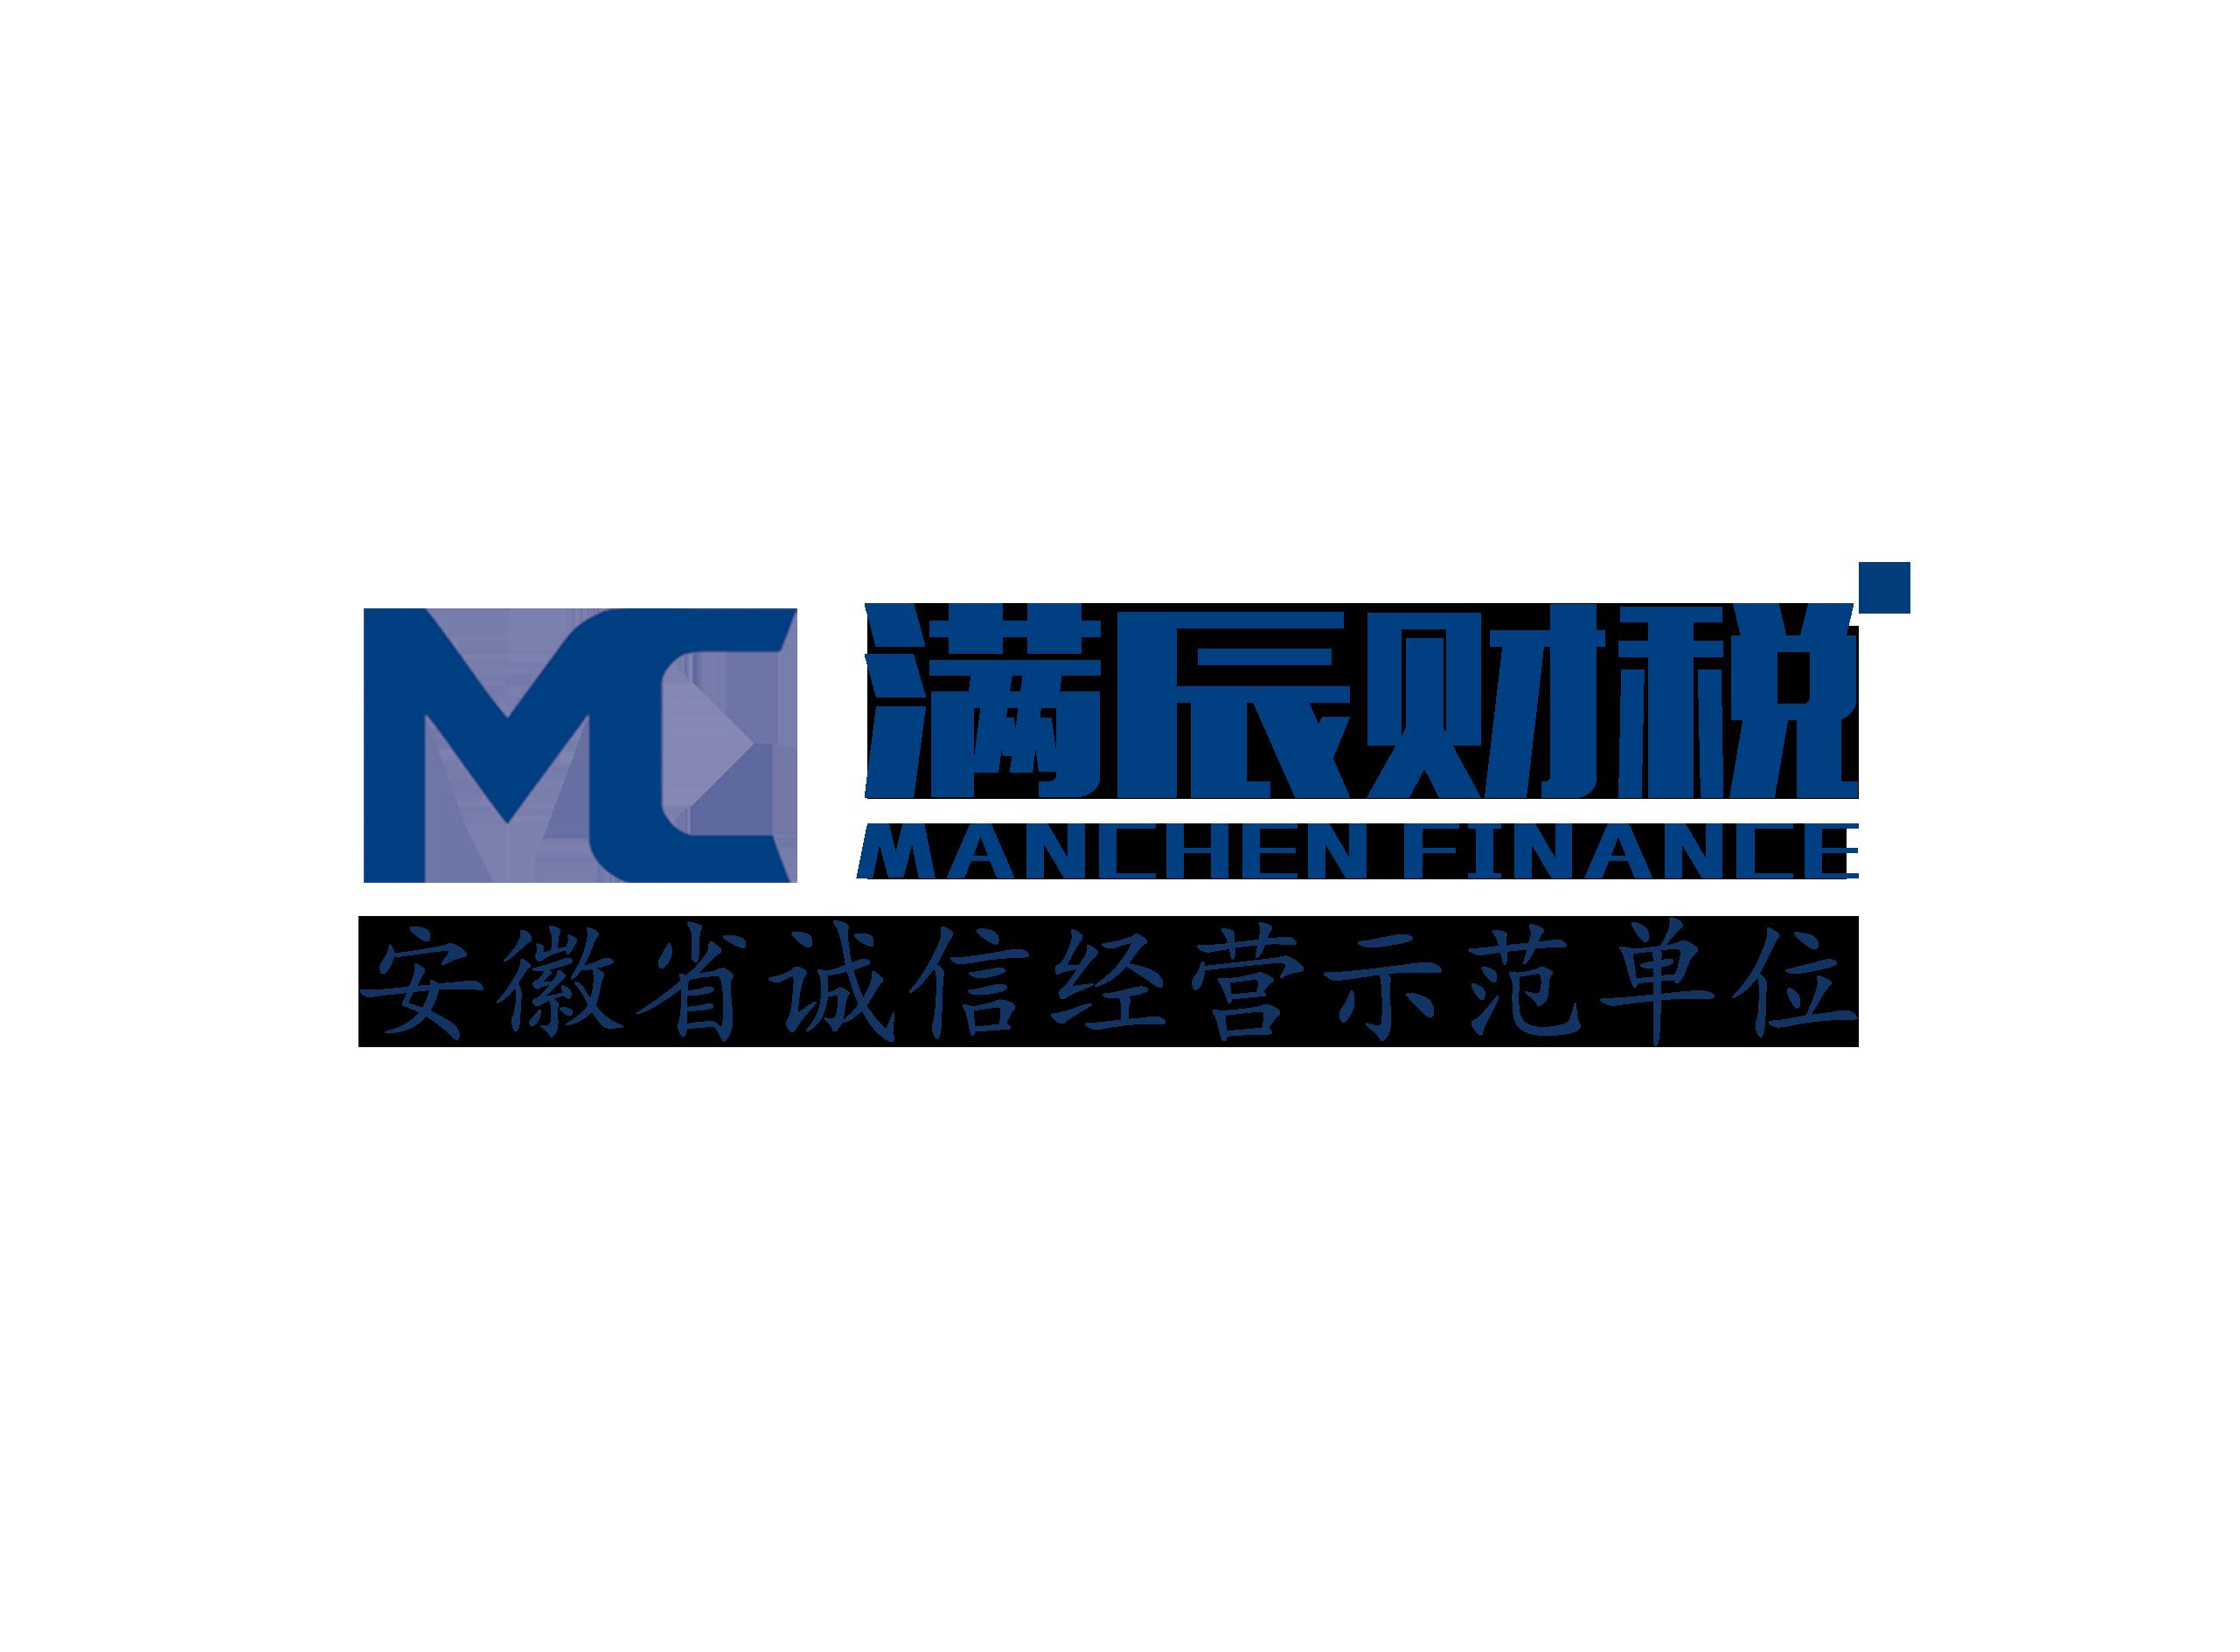 安徽滿辰財稅科技股份有限公司